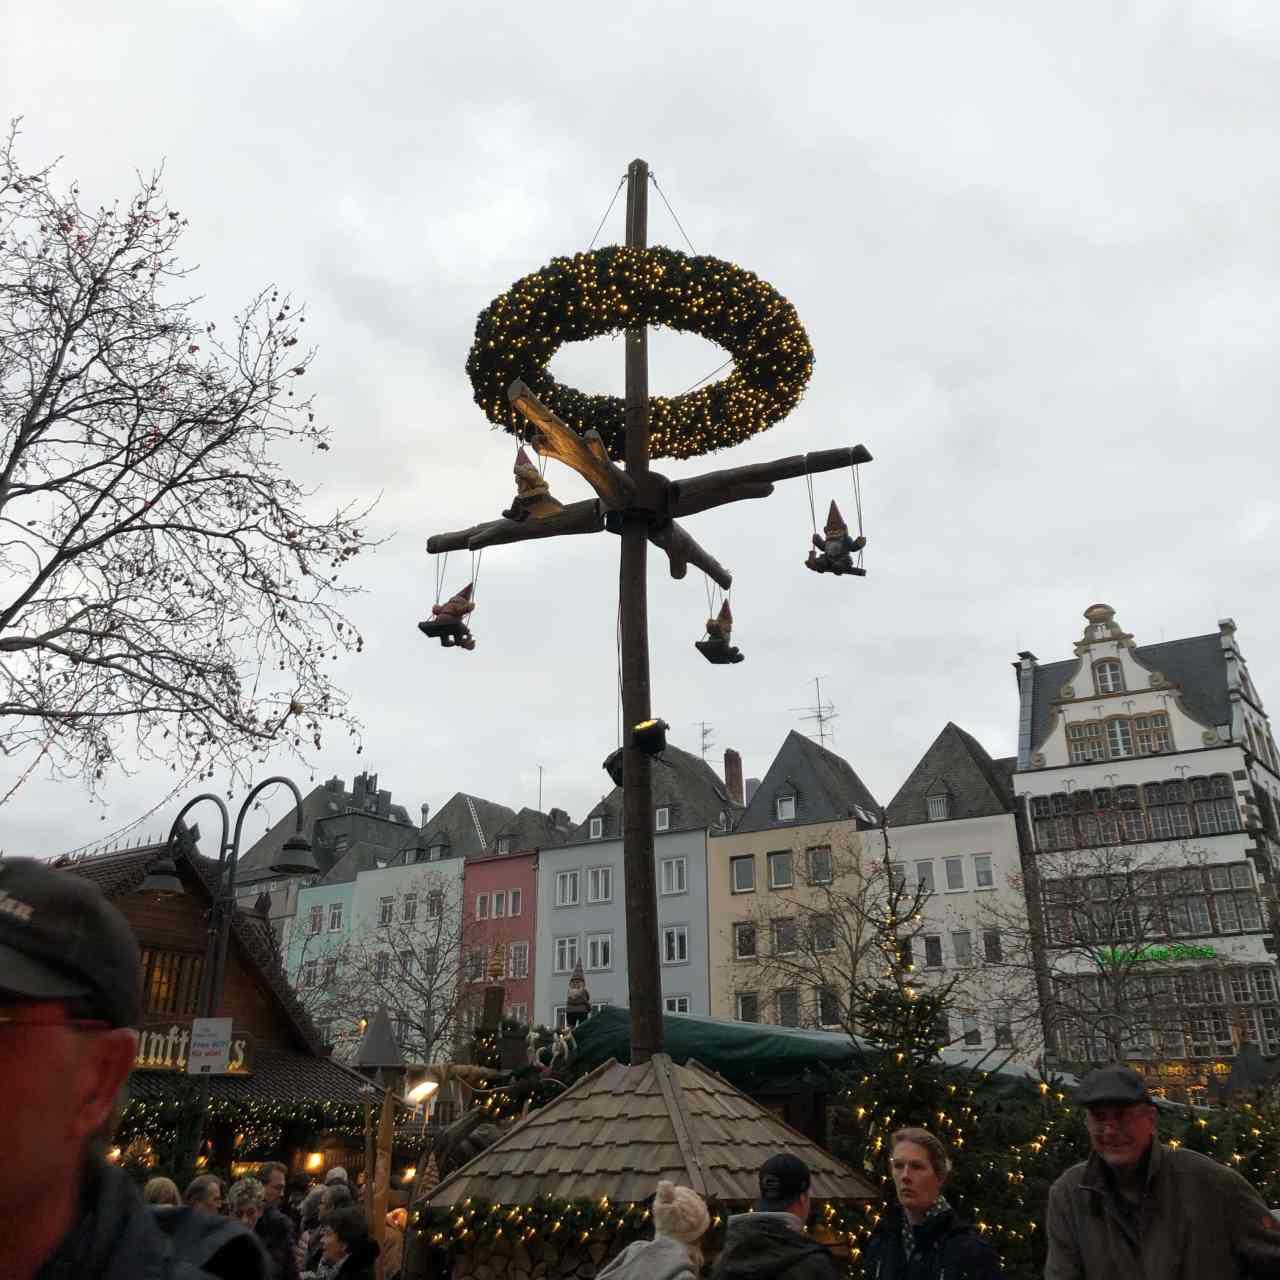 Heinzelmännchen Alter Markt Cologne